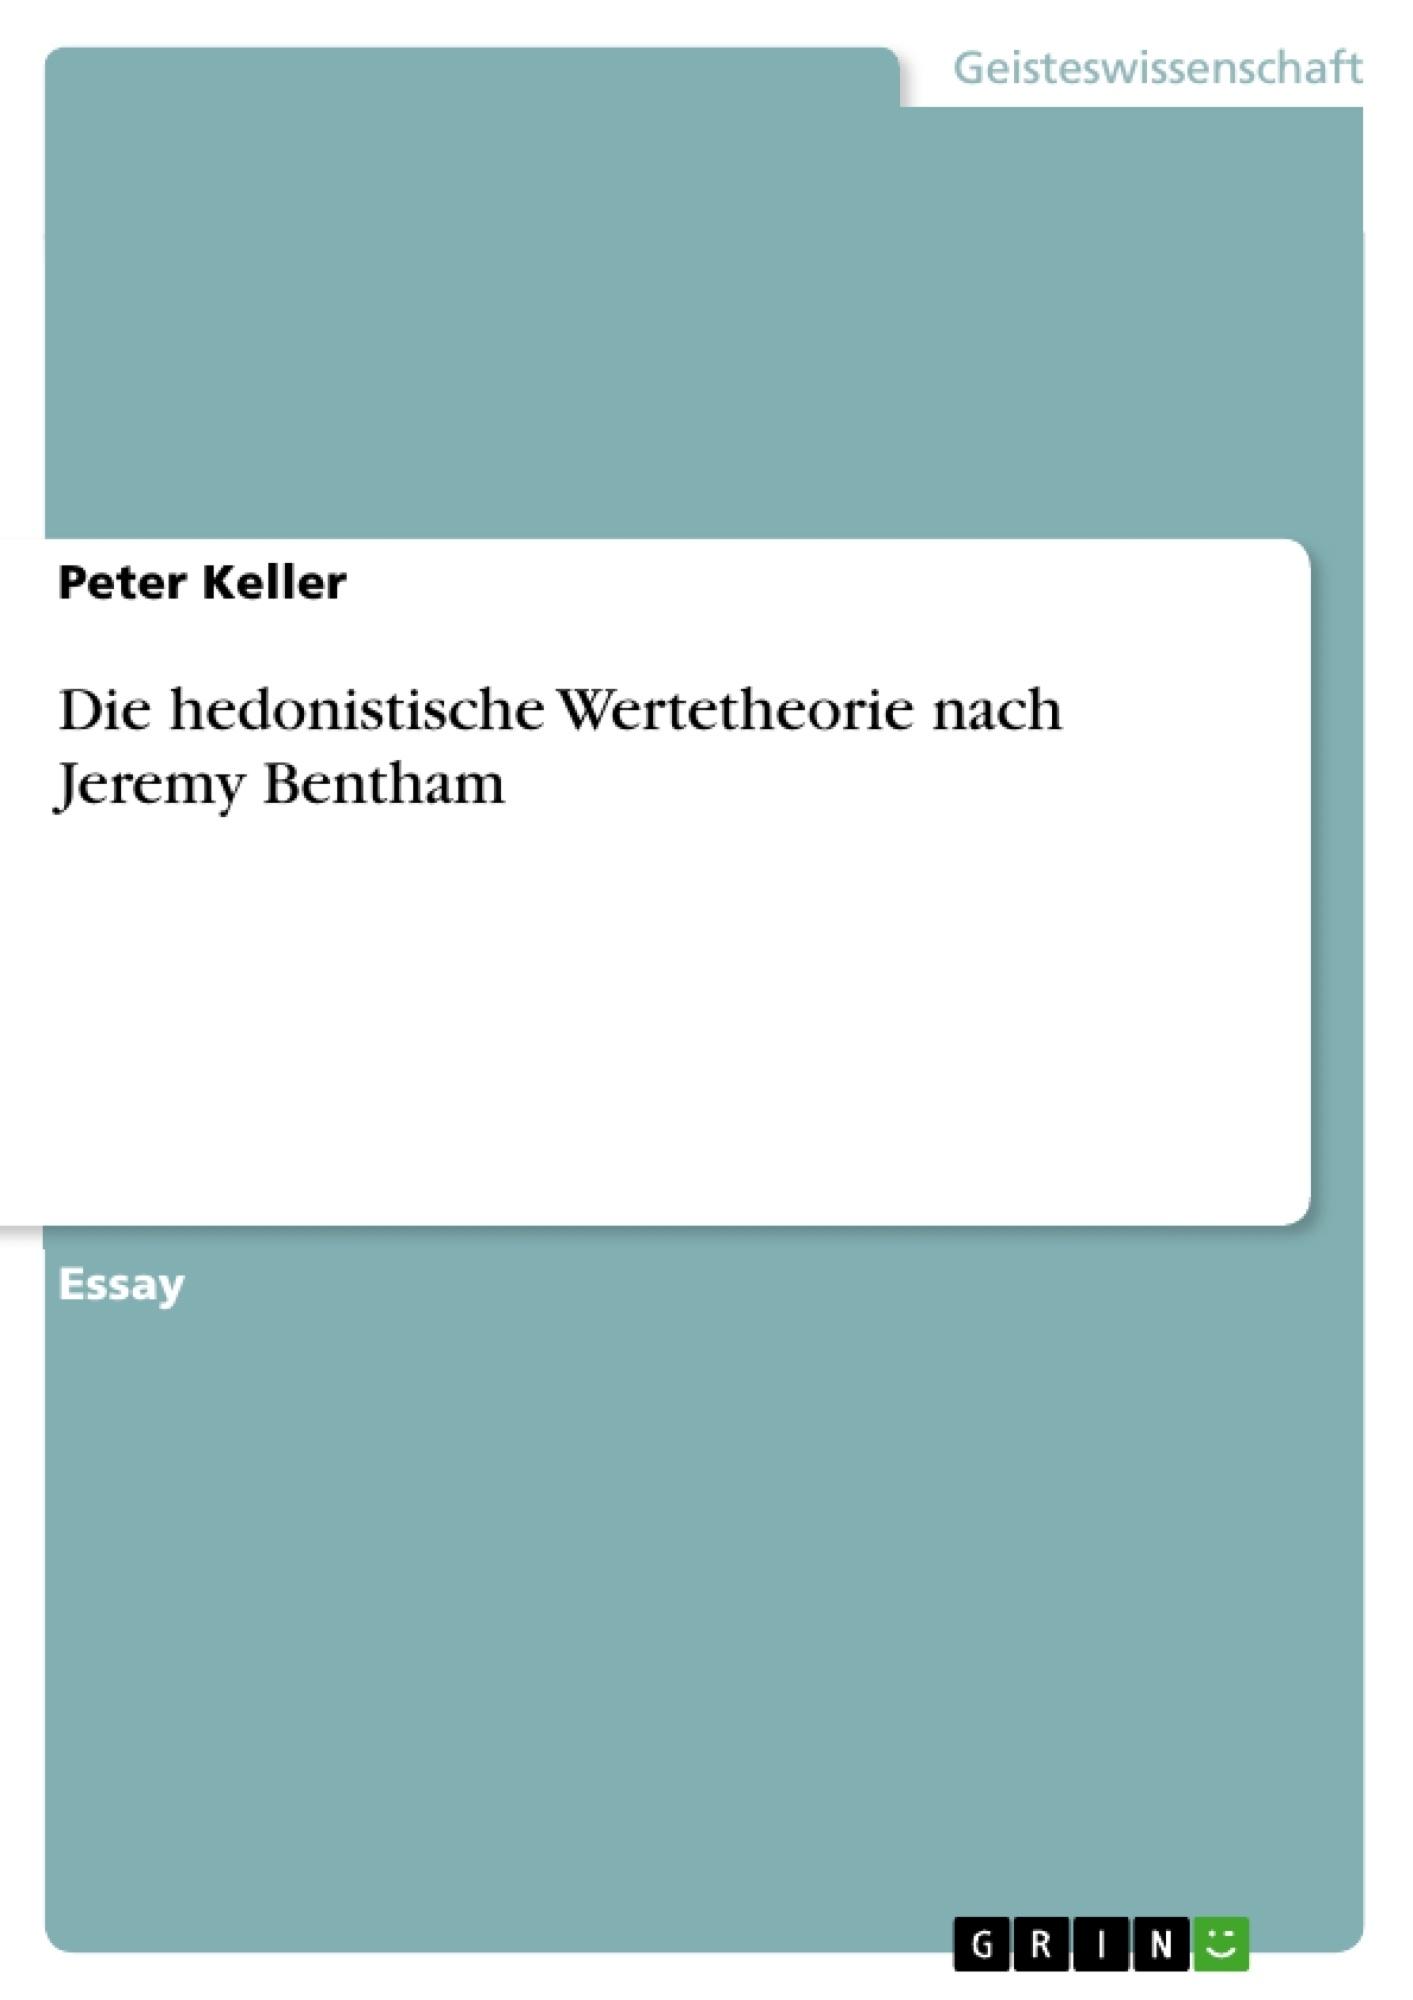 Titel: Die hedonistische Wertetheorie nach Jeremy Bentham